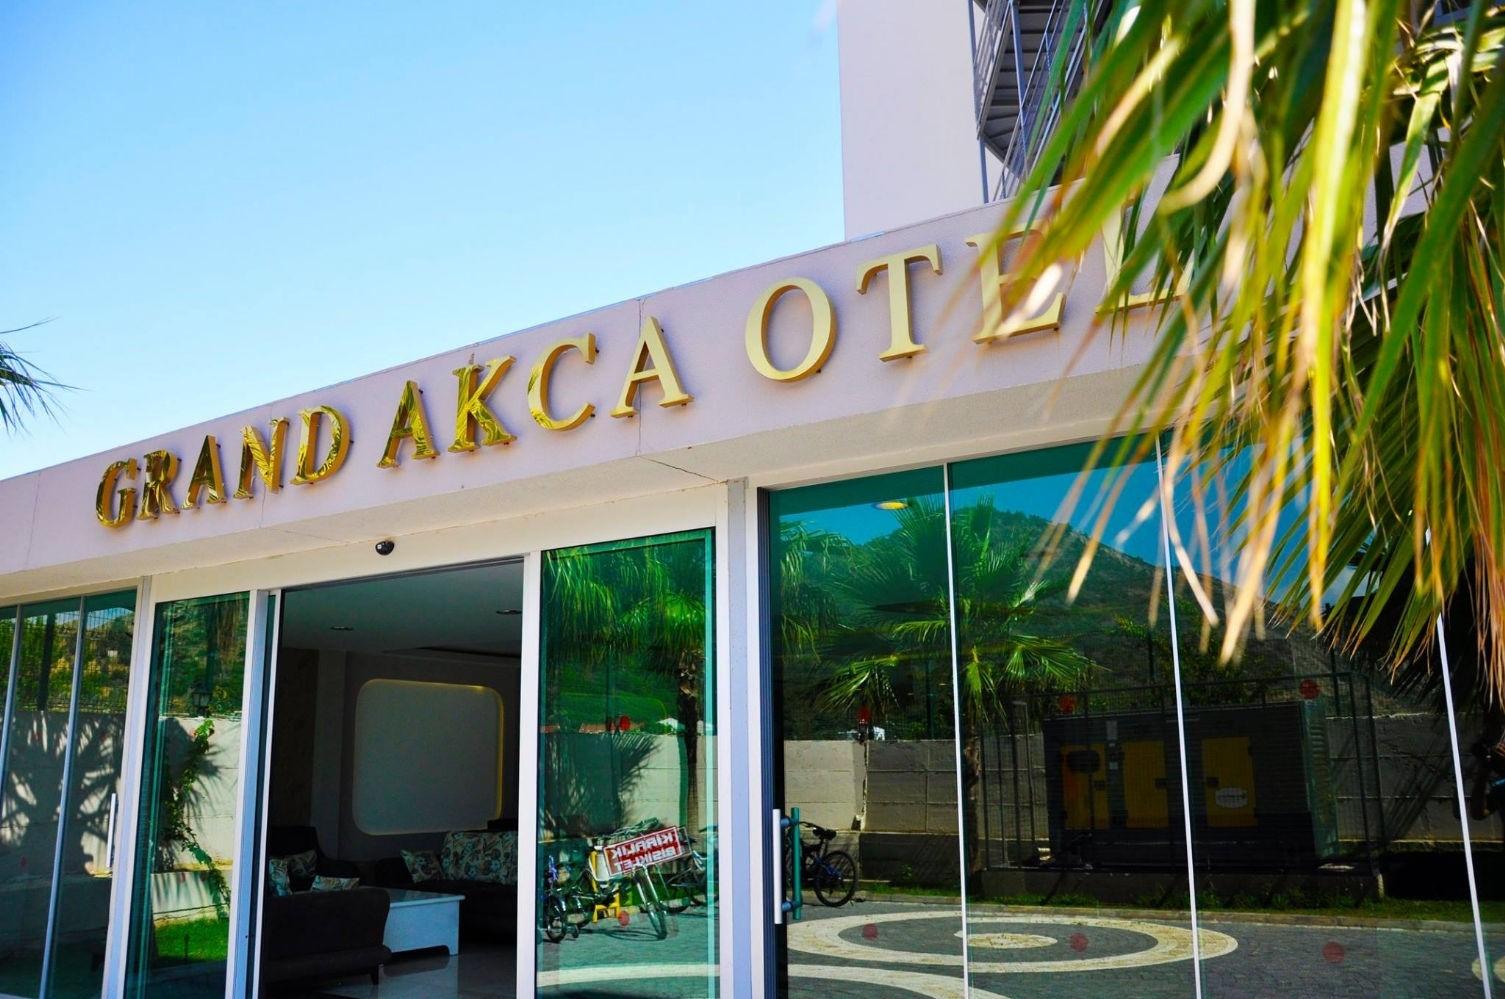 Grand Akça Otel